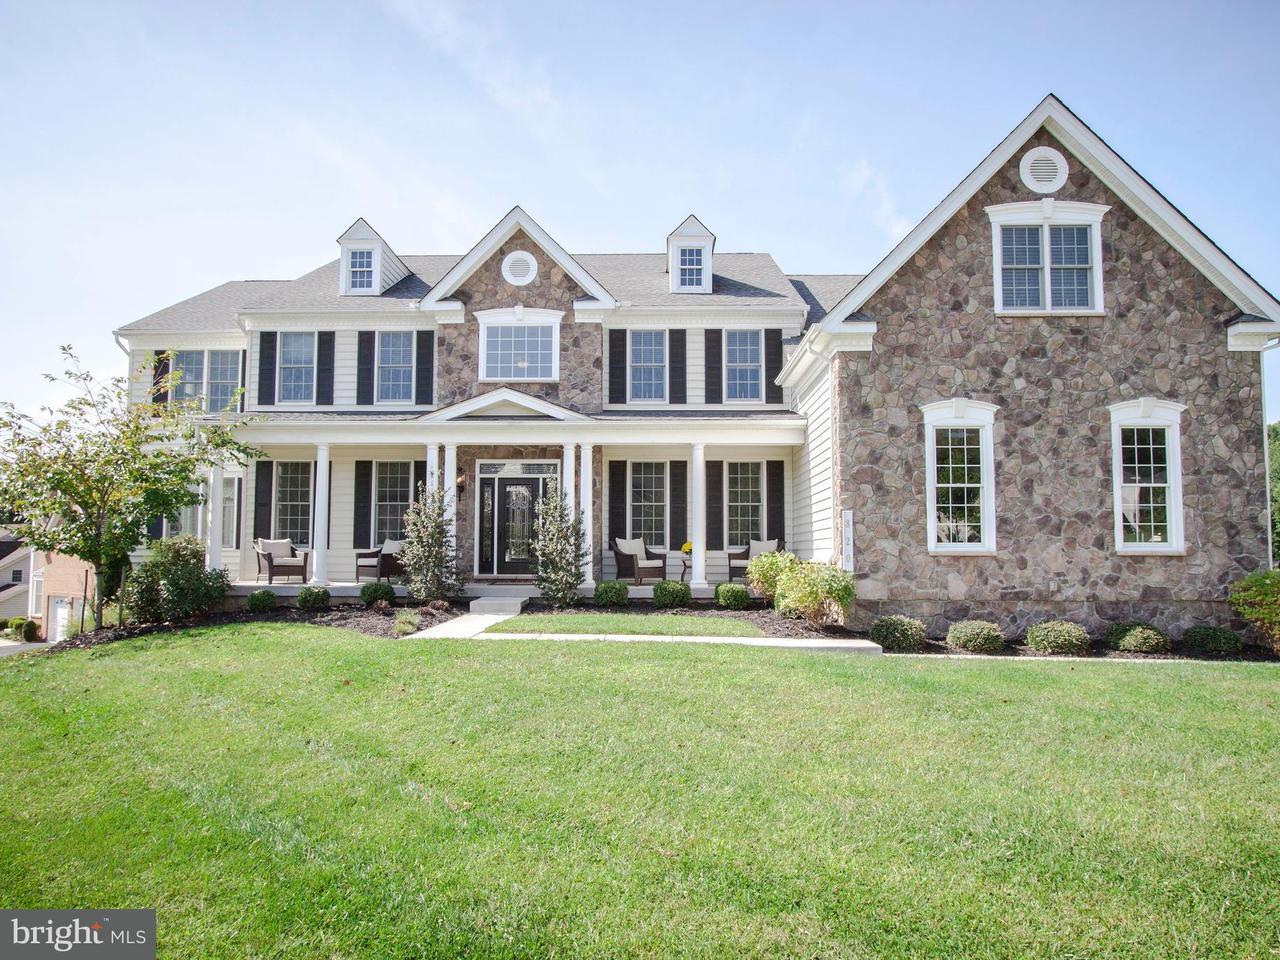 Частный односемейный дом для того Продажа на 820 SAPLING Court 820 SAPLING Court Bel Air, Мэриленд 21015 Соединенные Штаты